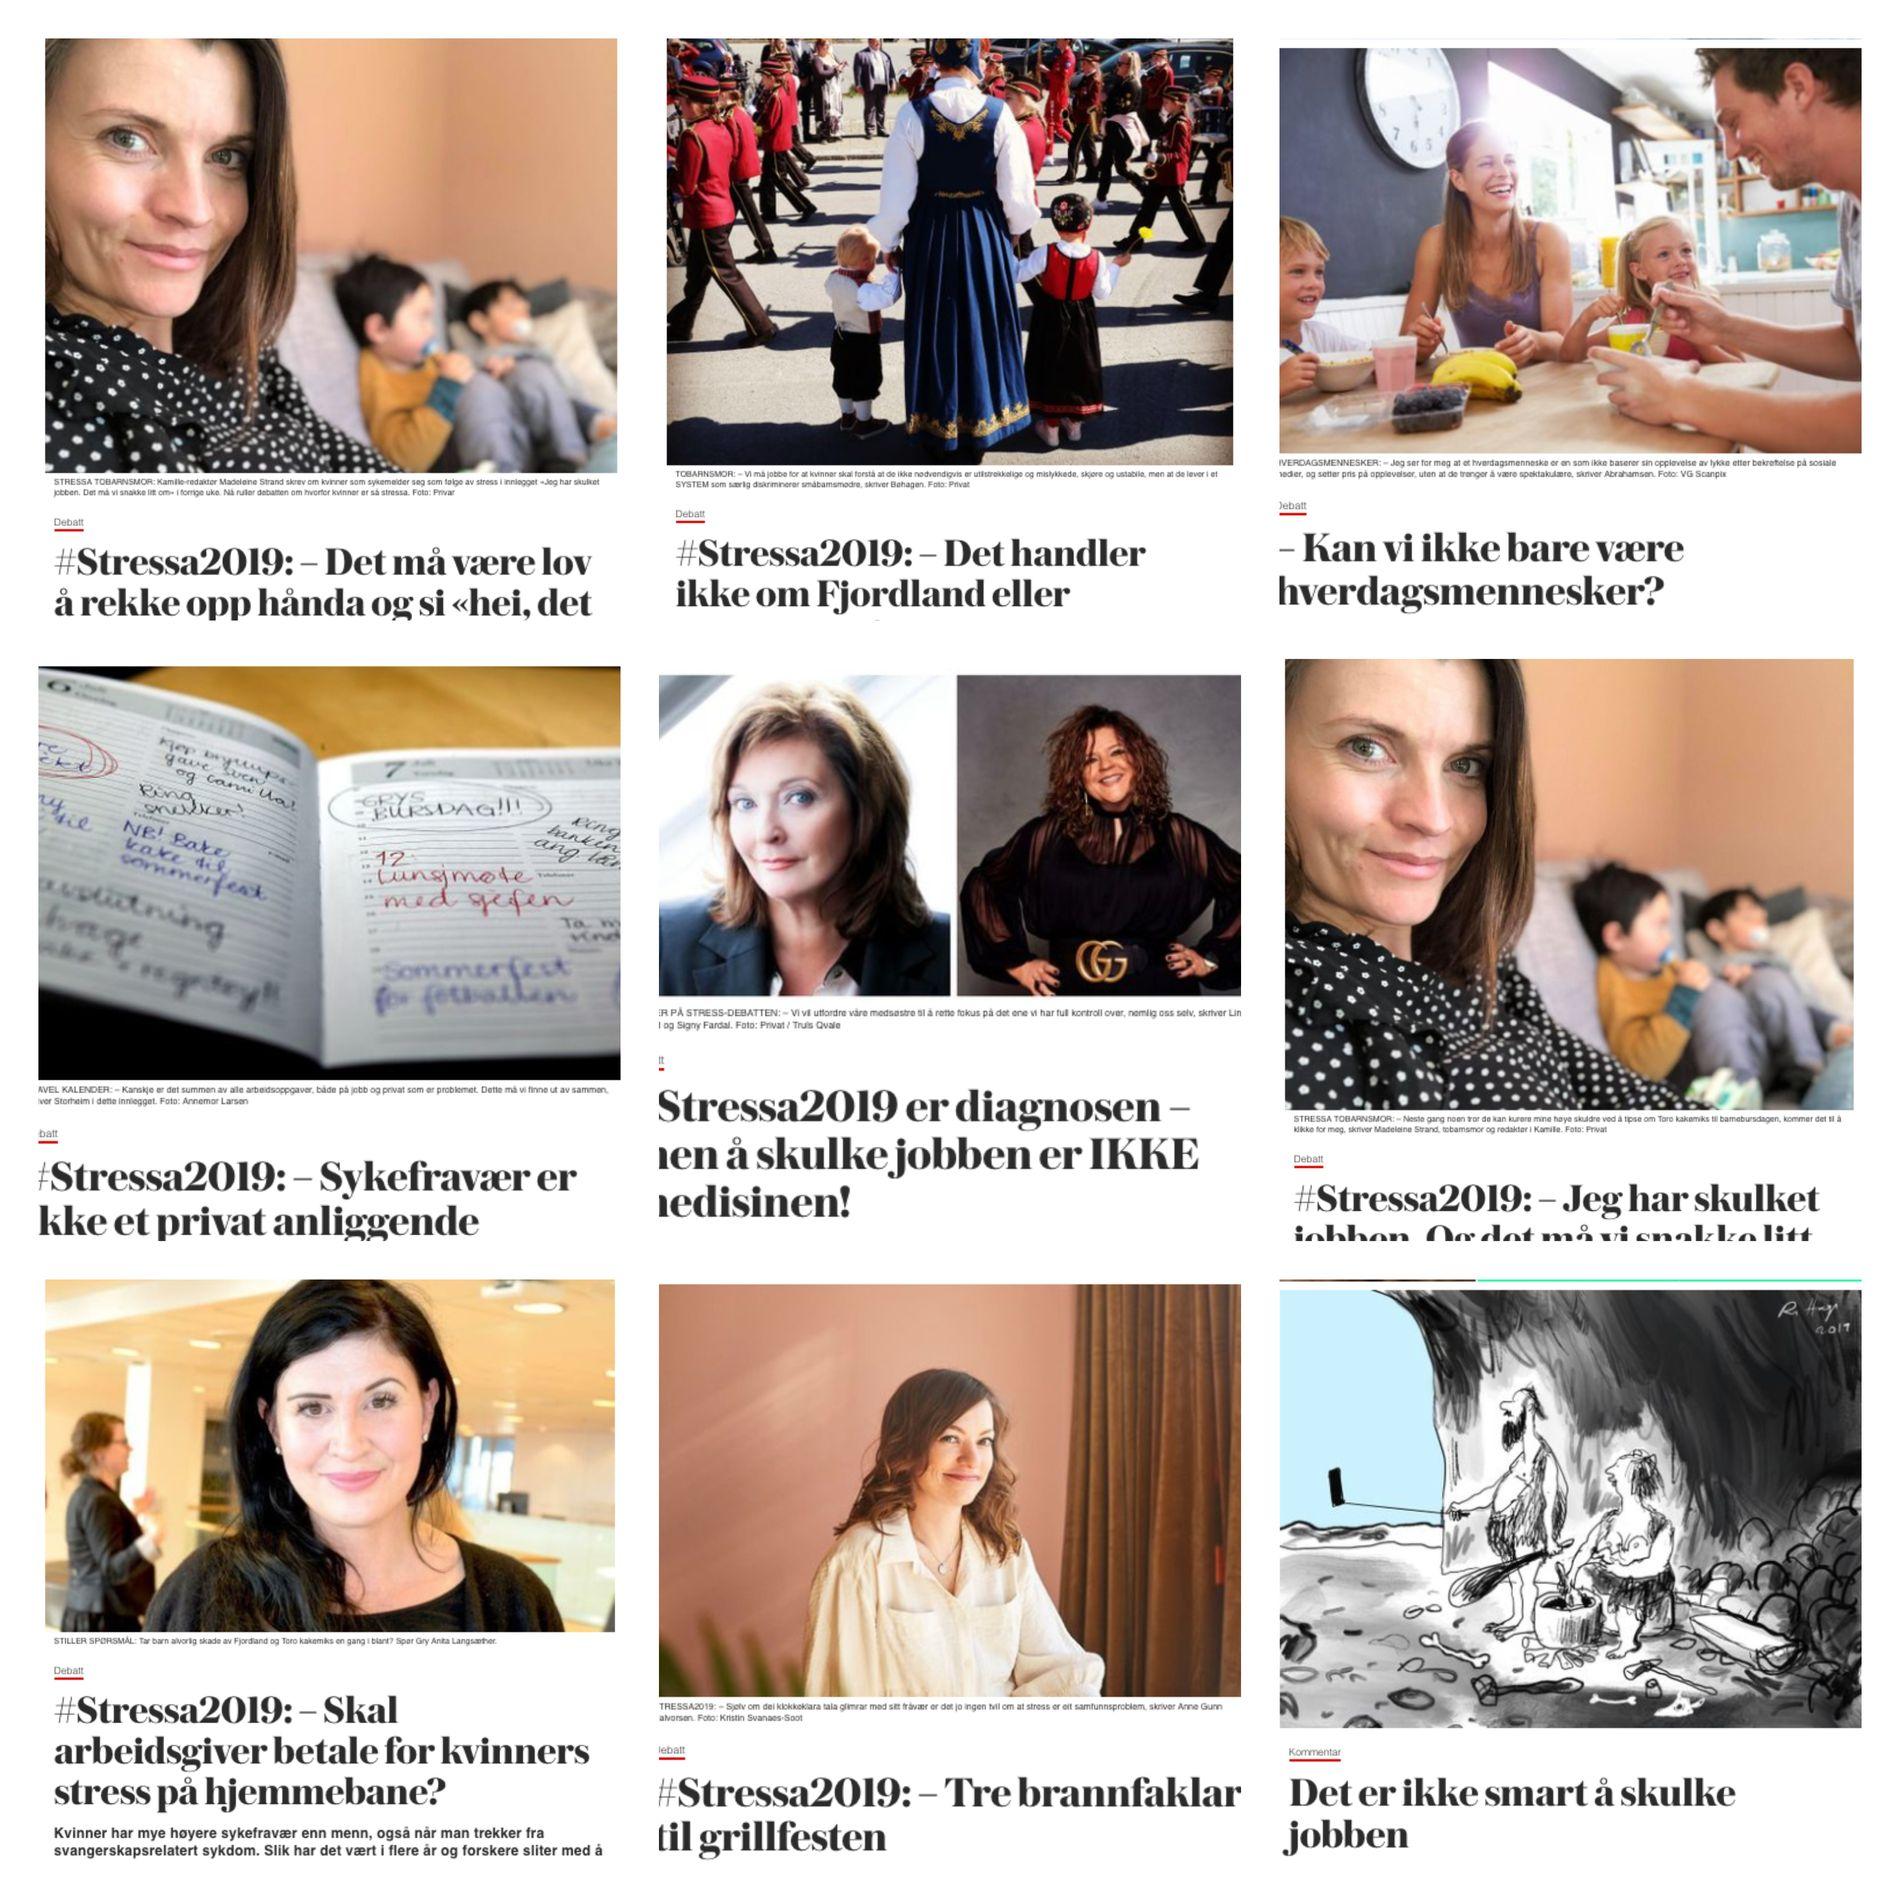 STRESSA2019: Stress-debatten ruller og går i VGs flater, etter at Kamille-redaktør Madeleine Strand skrev om kvinner som sykemelder seg som følge av stress i innlegget «Jeg har skulket jobben. Det må vi snakke litt om». Her ser du noen av innleggene som er publisert så langt.